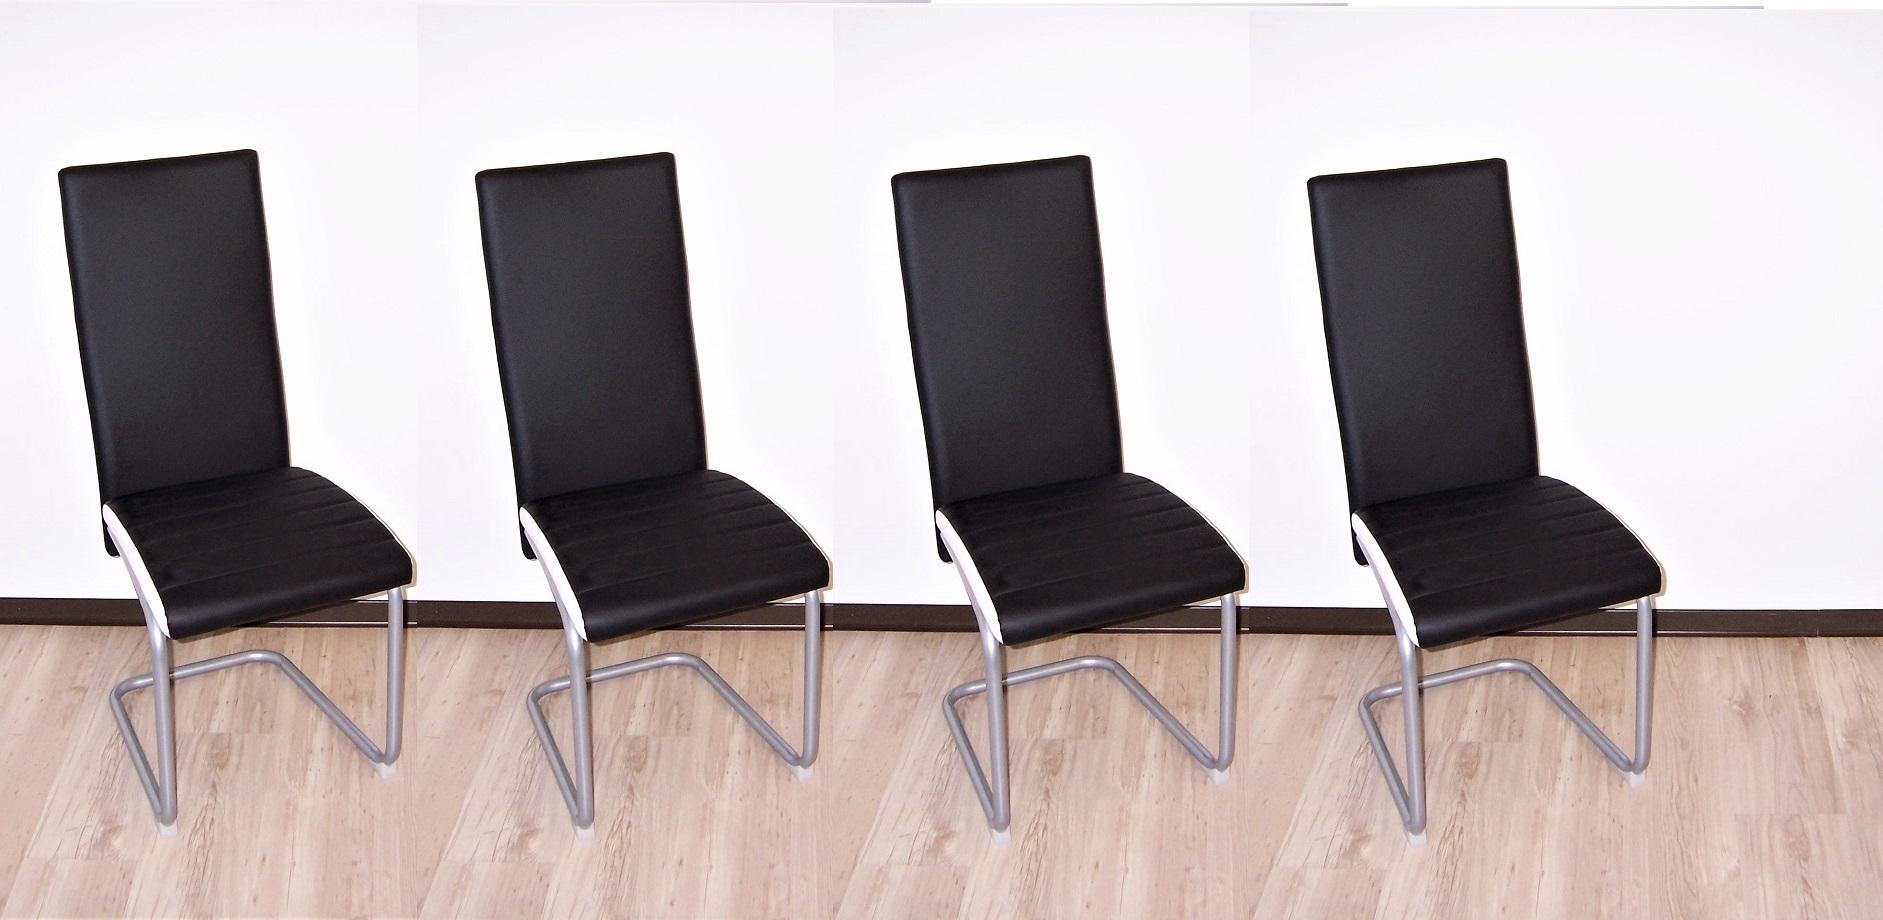 Schwarz Stuhl Er Schwinger Kunstleder Schwingstuhl Stühle Applikation 4 Set Weiss FKTcl1J3